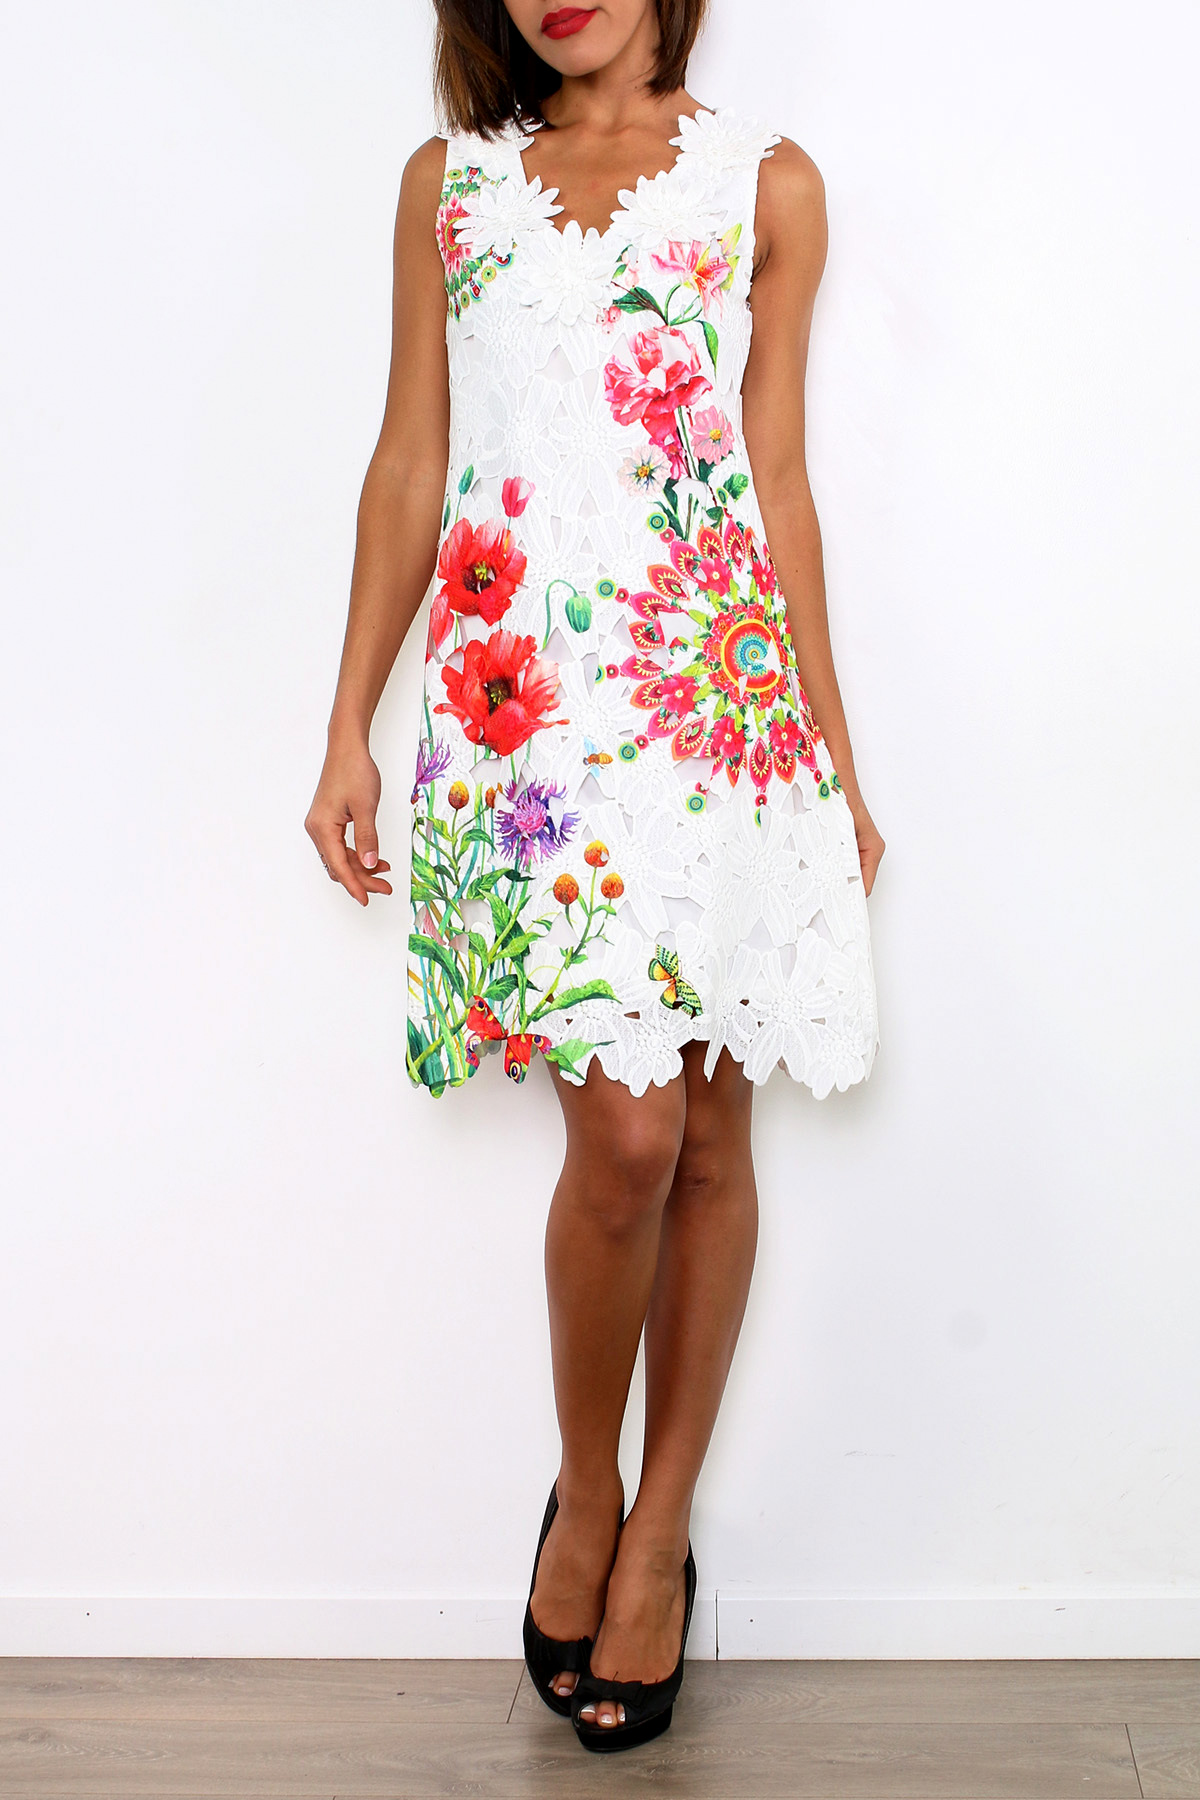 101 IDEES dámské krajkové ŠATY vzor Mandala Květy 331145-1 bílá S M  7987e9d274